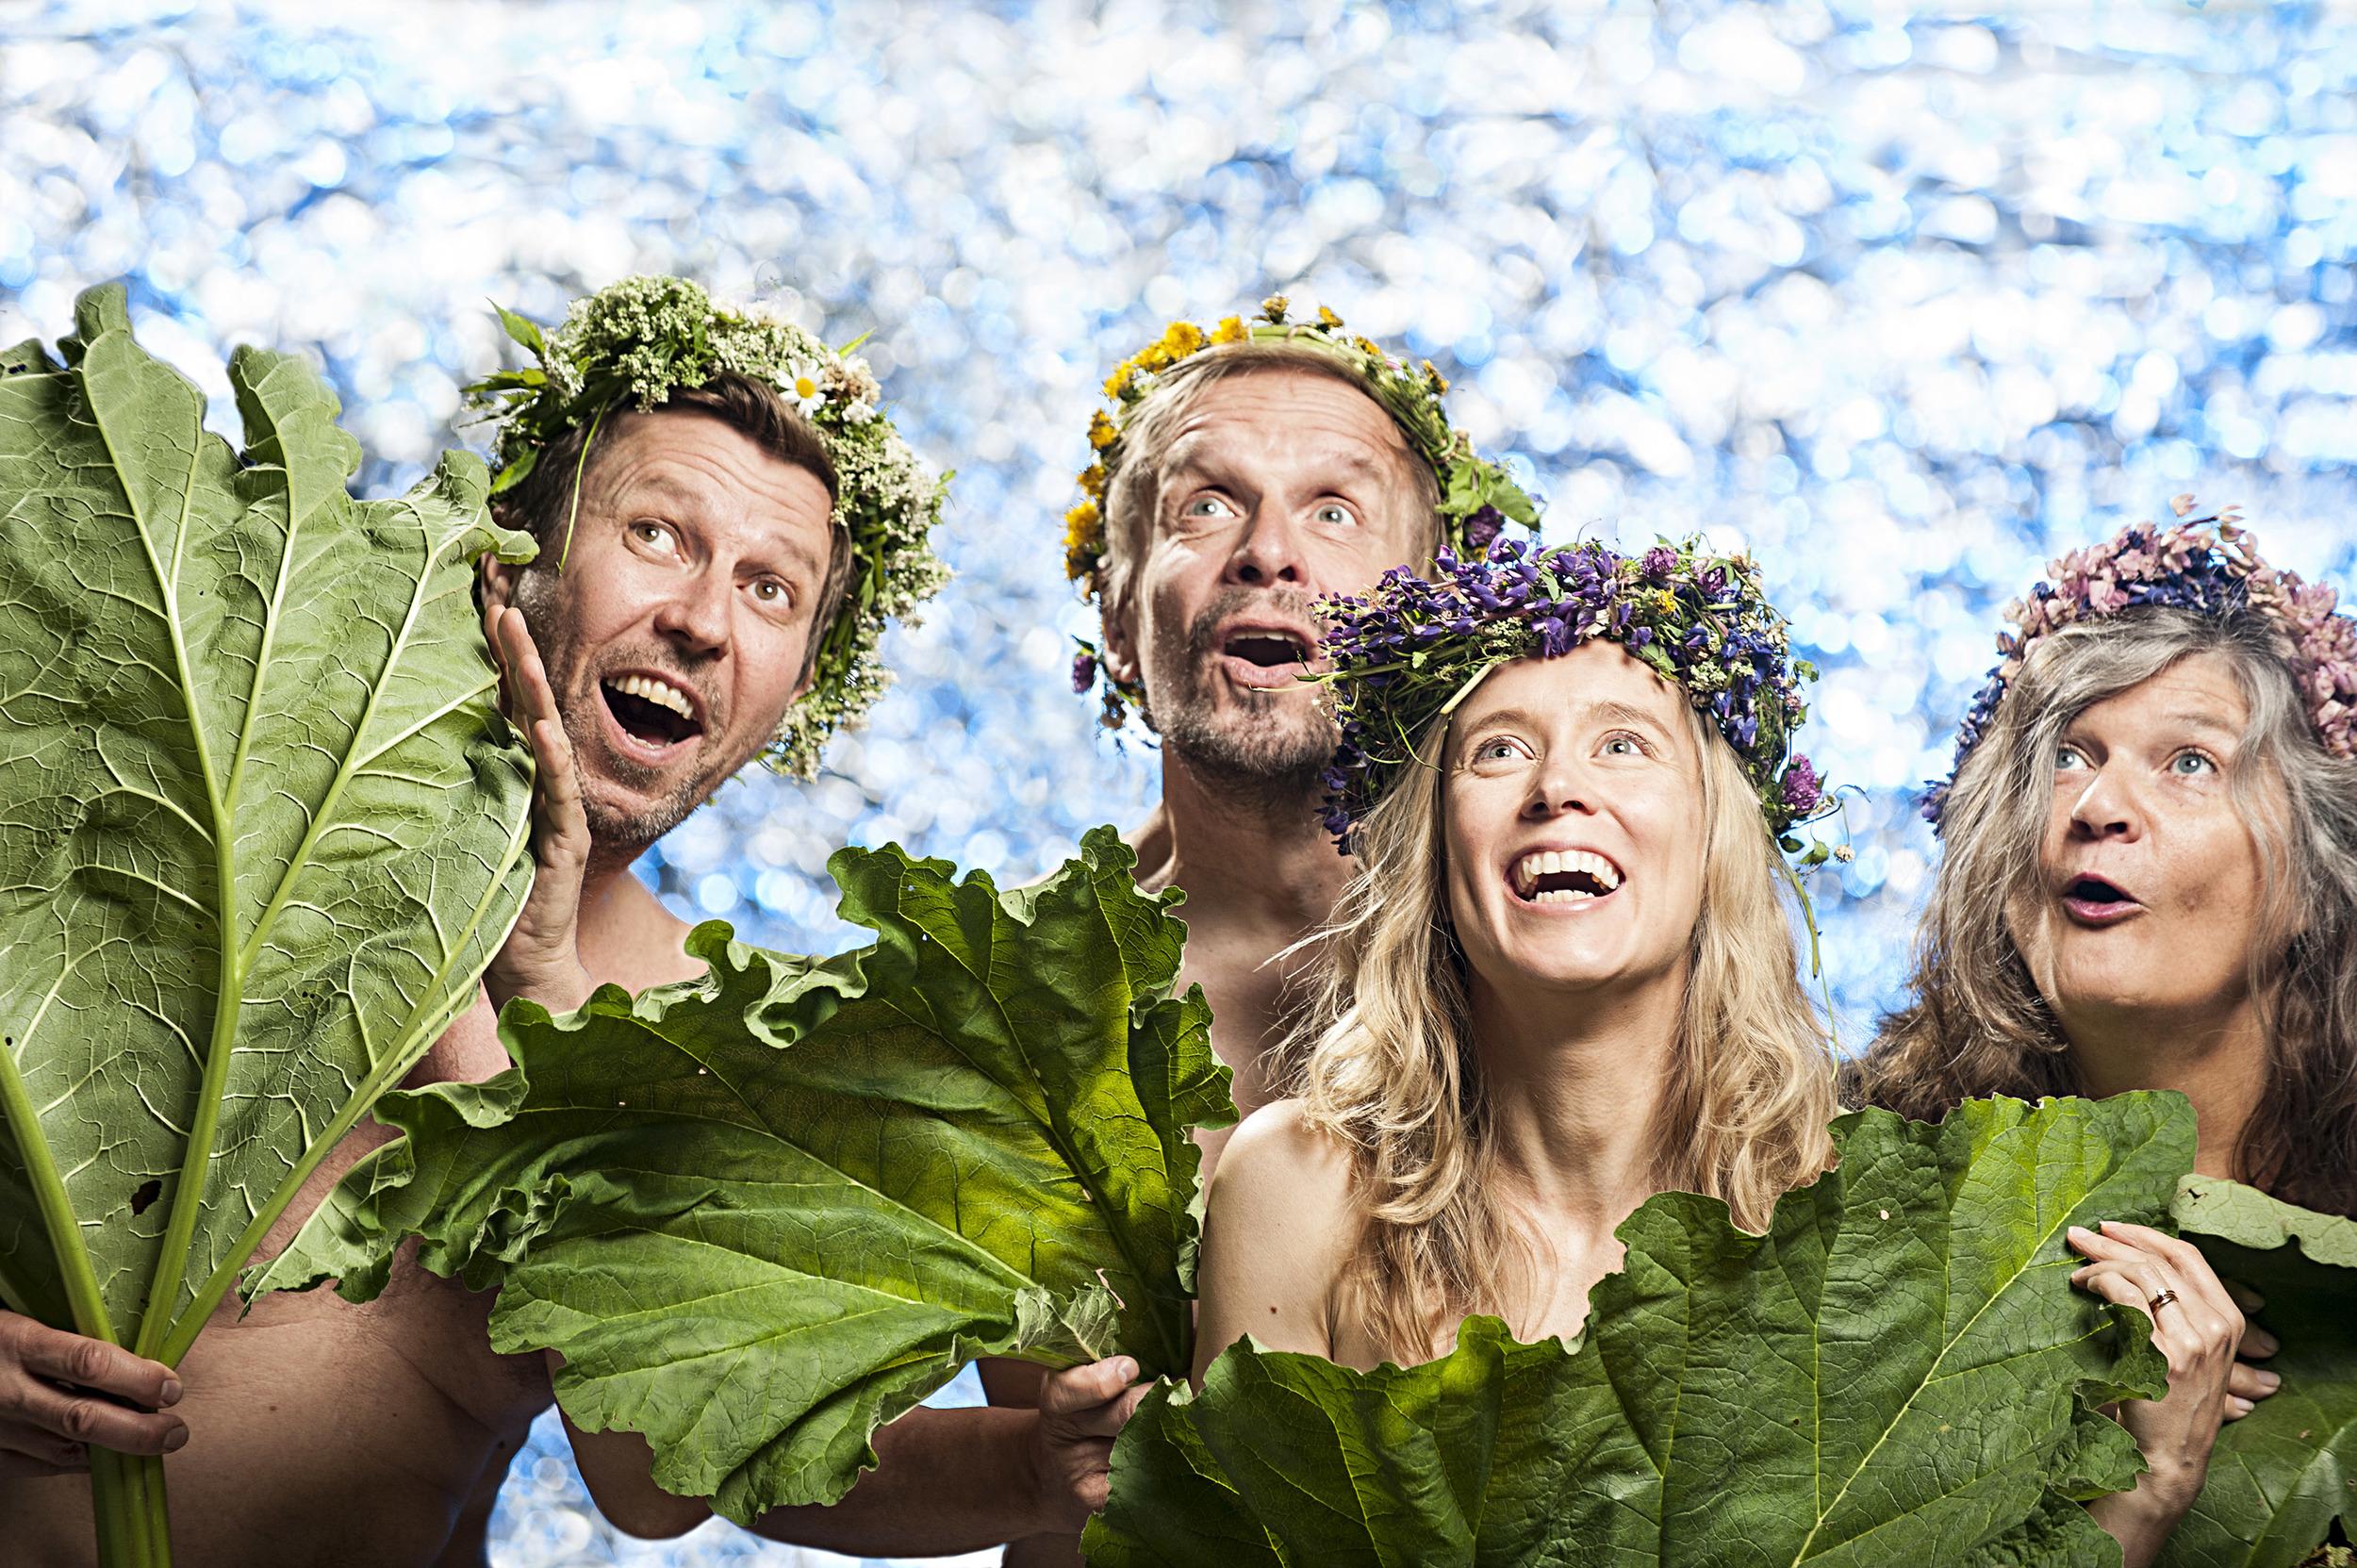 Tohtori raimo - valtakunnan terapeutti, actors Martti Suosalo, Jukka Puotila, Nora Rinneand Erja Manto. Photo: Laura Mainiemi / YLE, 2014.